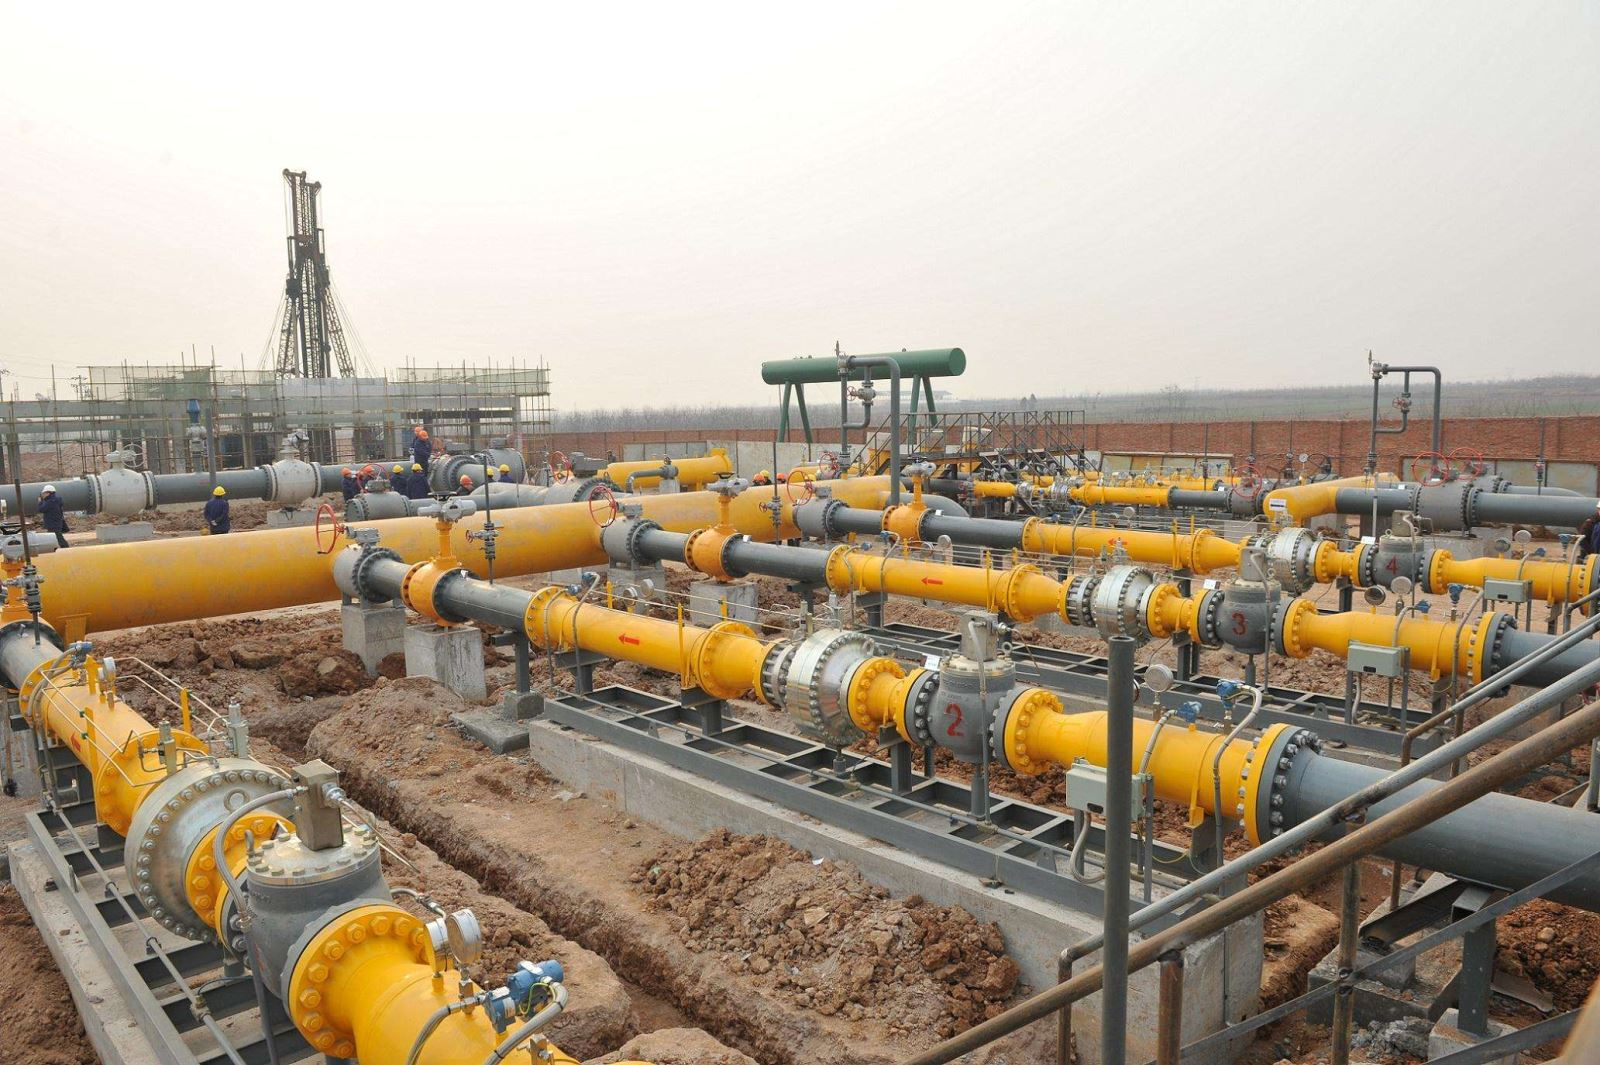 冬季供暖期来临 我国液化天然气开启暴涨模式